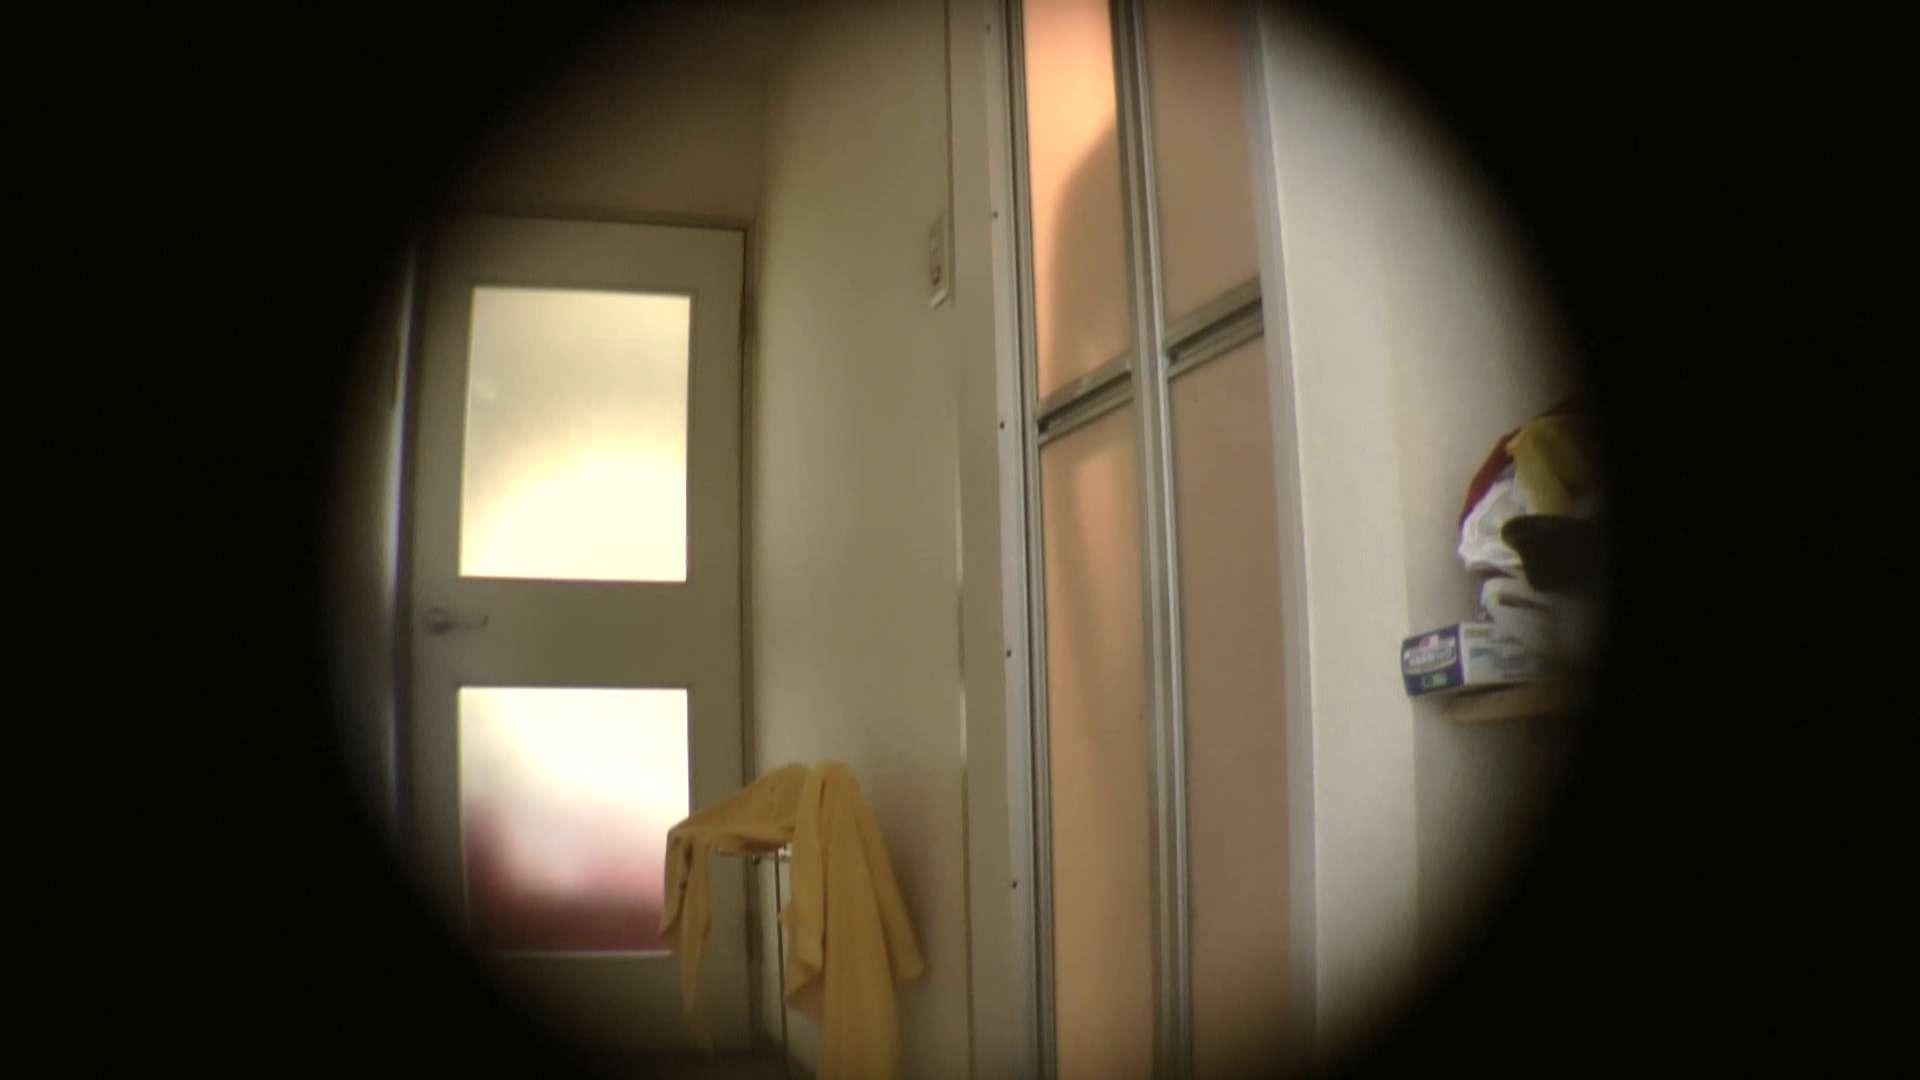 隠撮店の女の子をつまみ喰い~yukivol.4 隠撮 | OLのエッチ  76pic 49